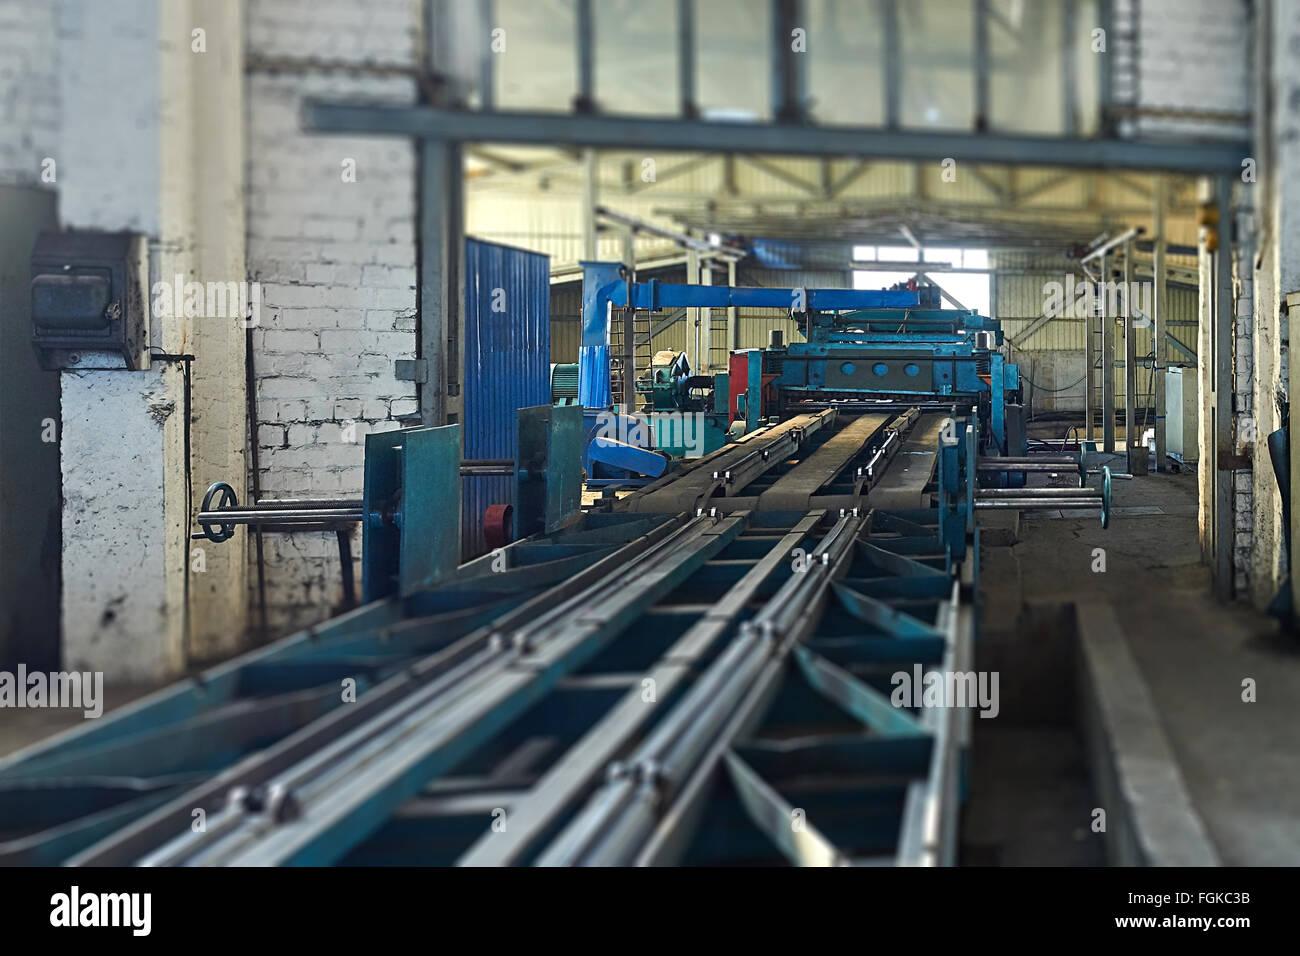 machine for slitting steel sheet. Tilt-shift effect. - Stock Image